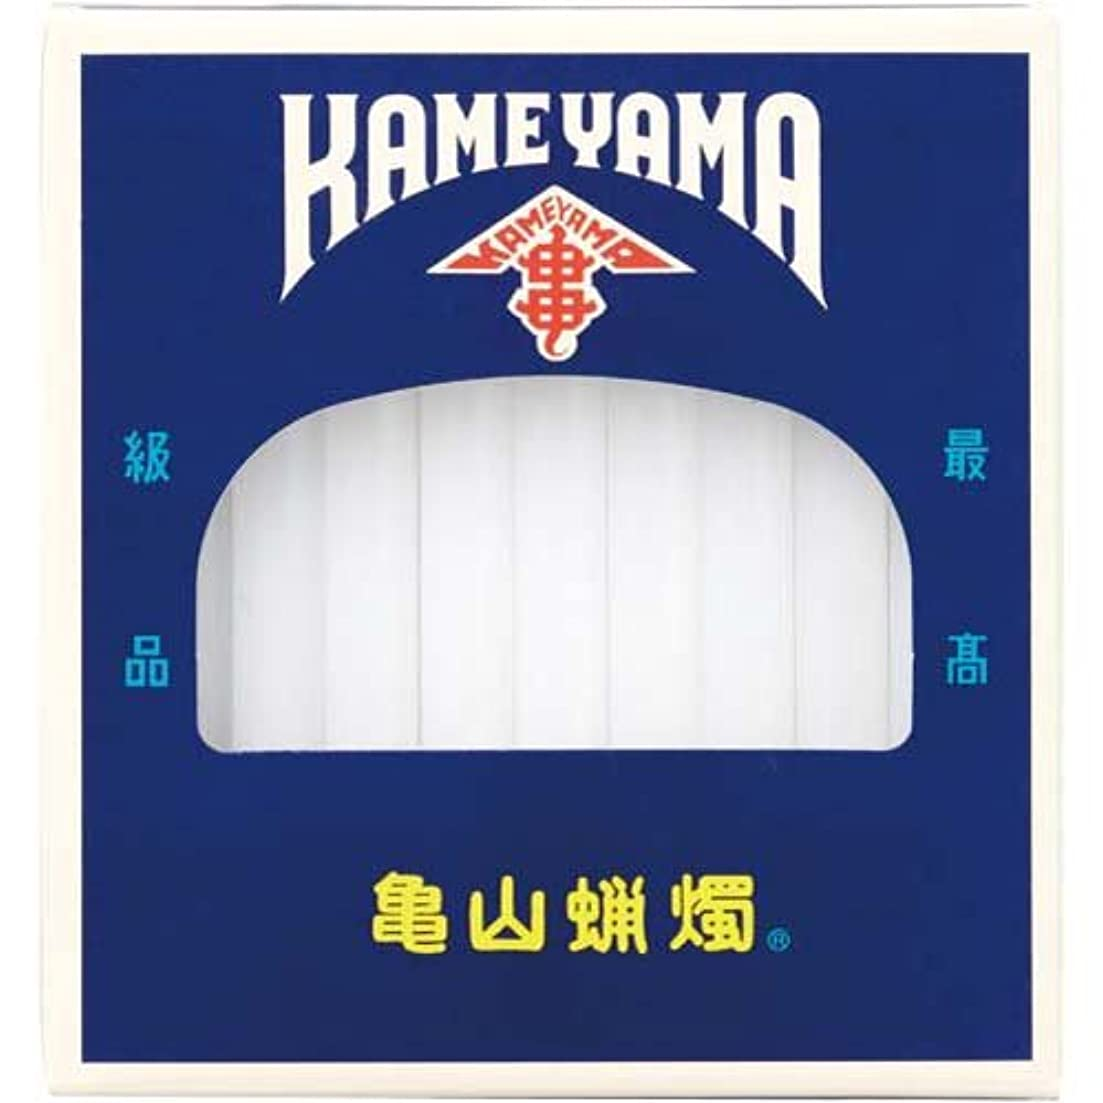 クマノミ塩エージェント復刻版カメヤマ大ローソク 1号5A#202 1個